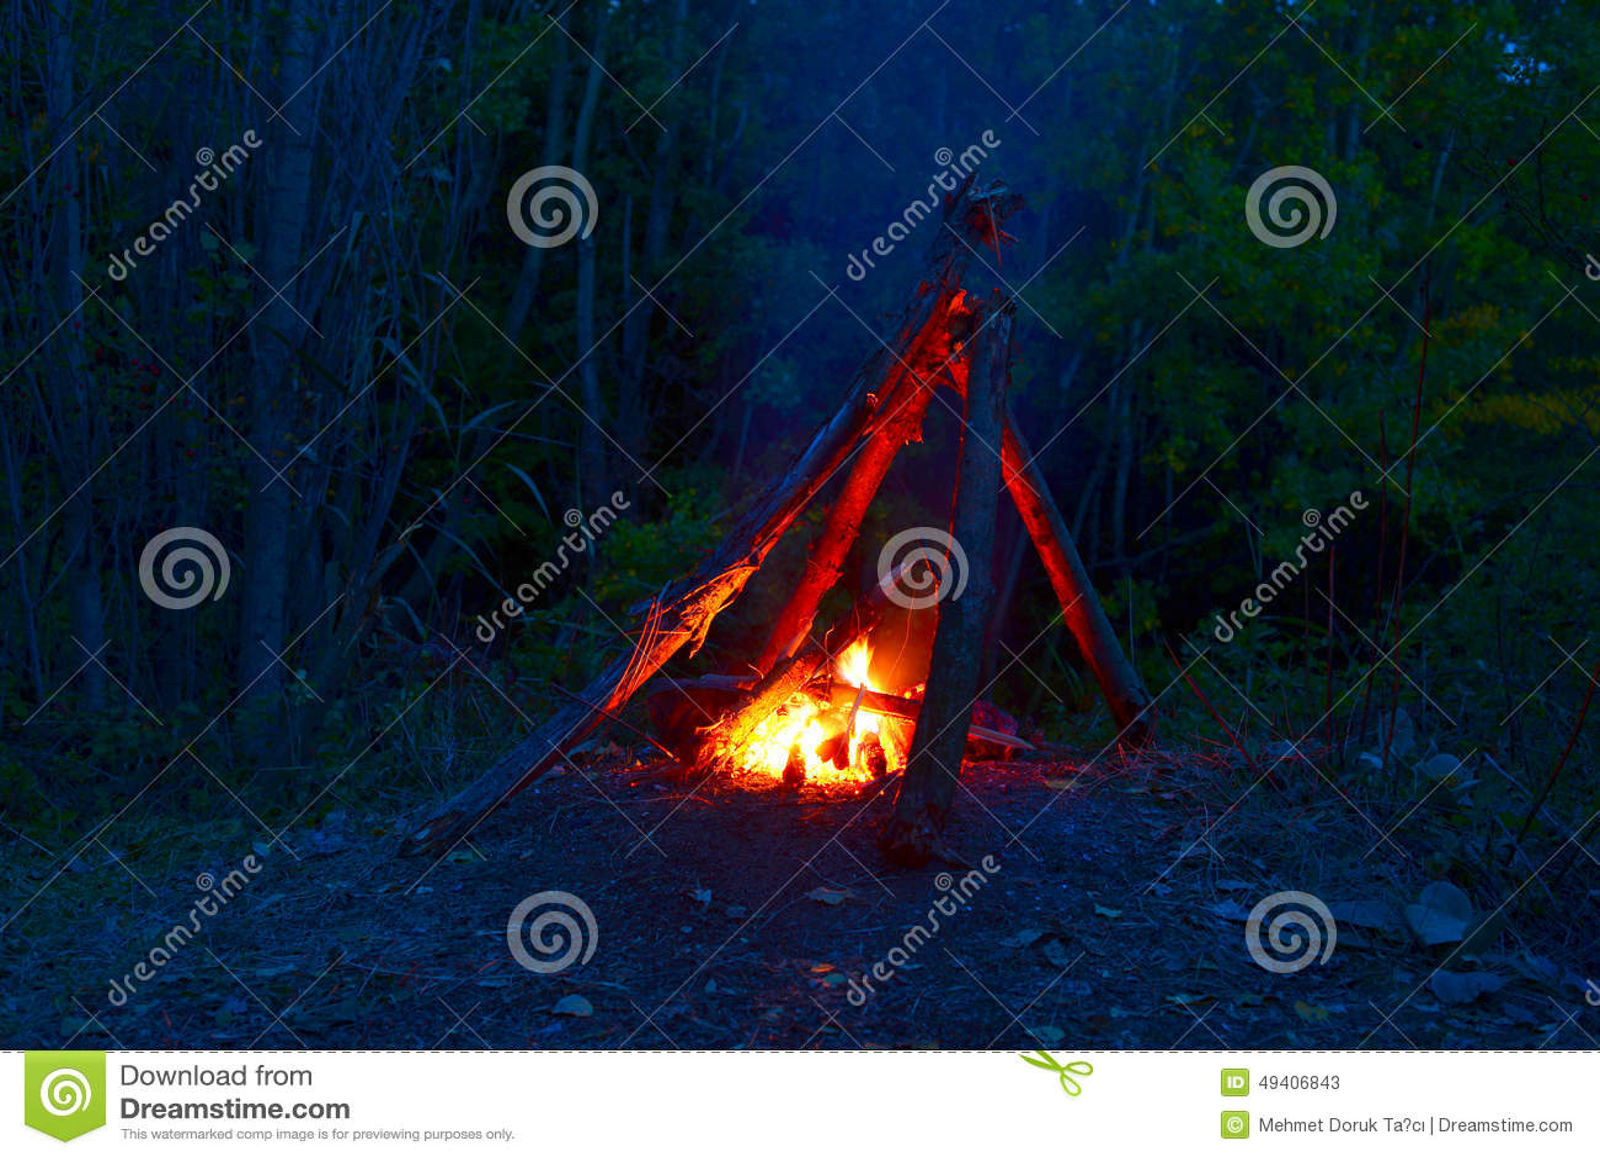 Download Lagerfeuer nachts stockbild. Bild von leuchte, aktiv - 49406843